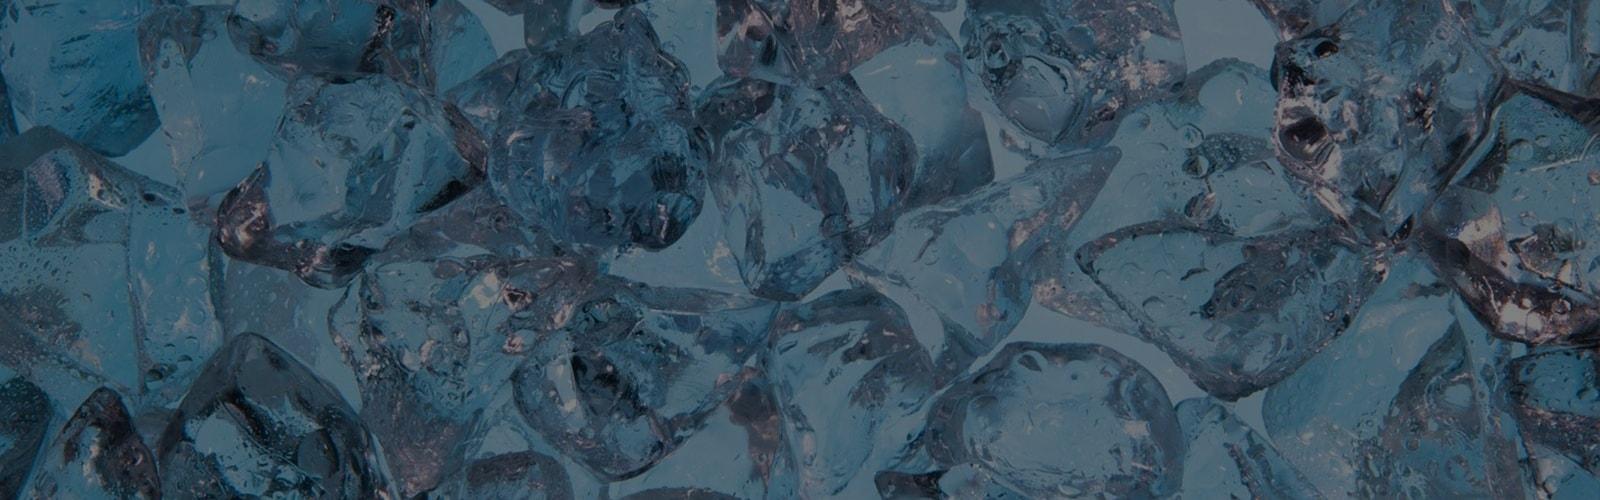 Ice Bucket Challenge от пейнтбольного клуба Форпост г. Харьков